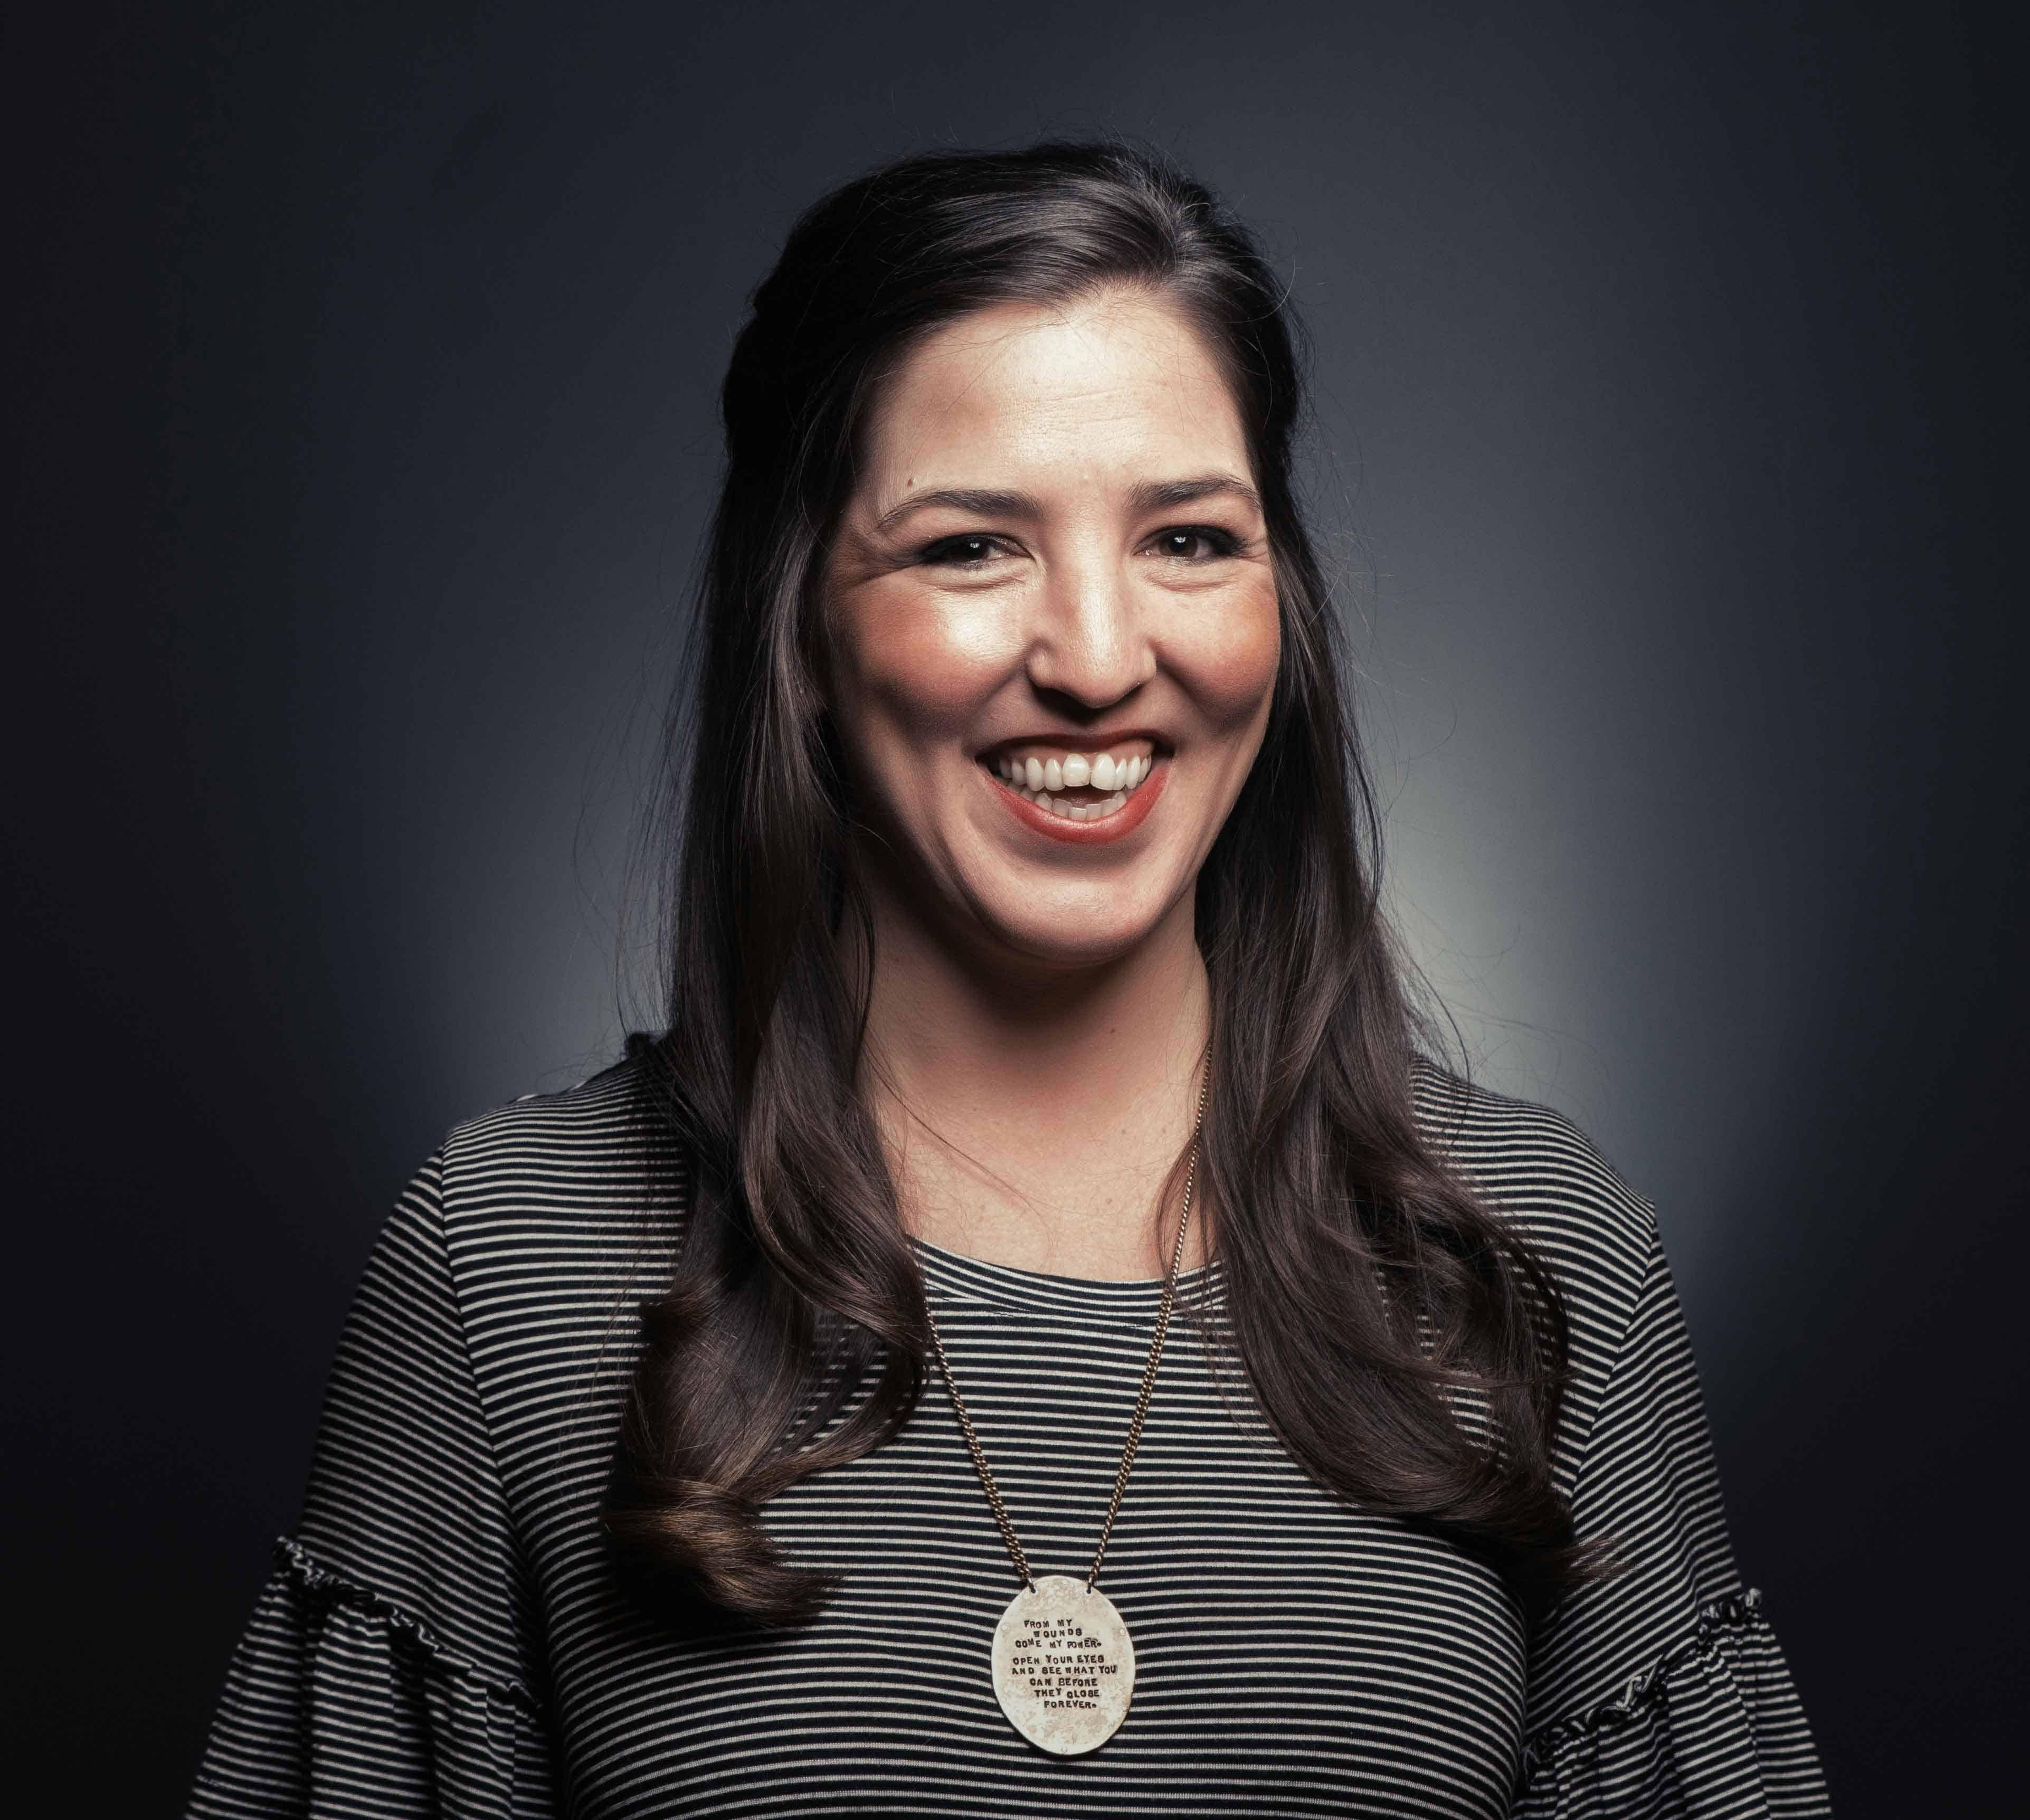 Tiffany Hallett